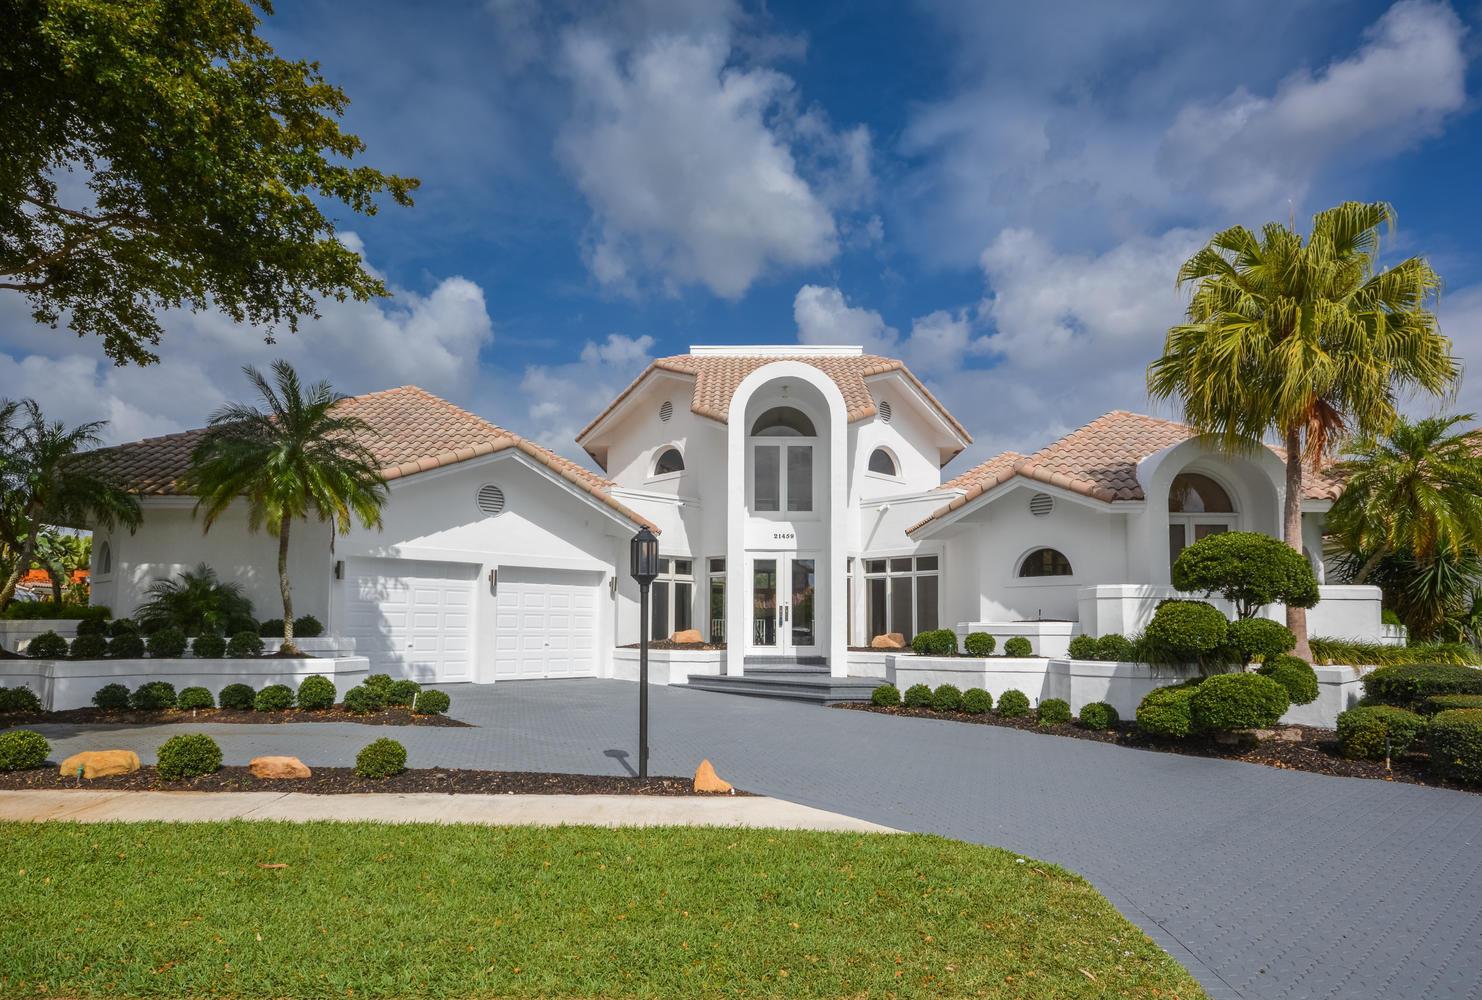 21459 Burnside Court  Boca Raton, FL 33433